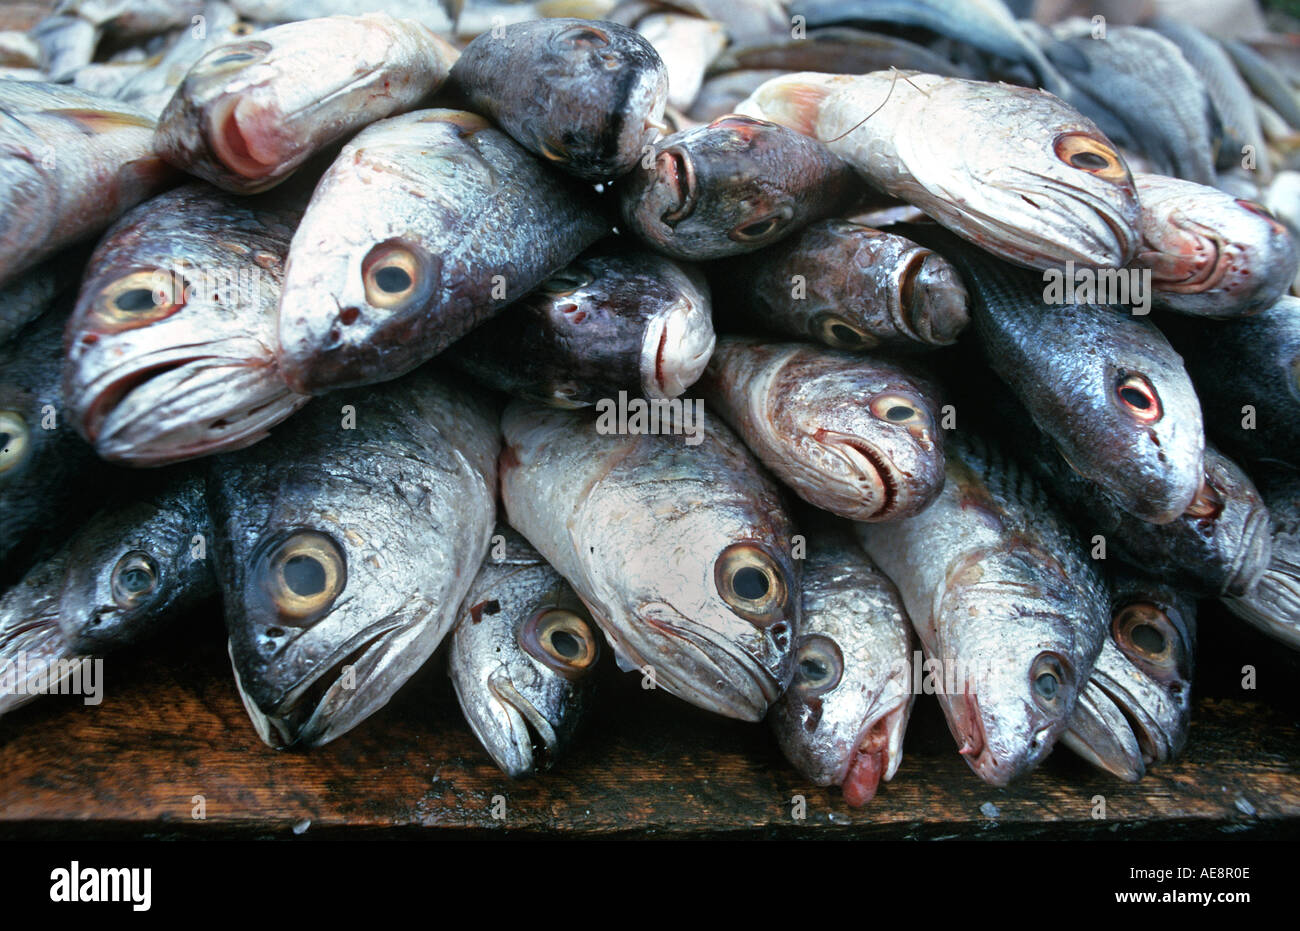 Fresh fish for sale on an Ecuadorean market stall Bucay Ecuador - Stock Image